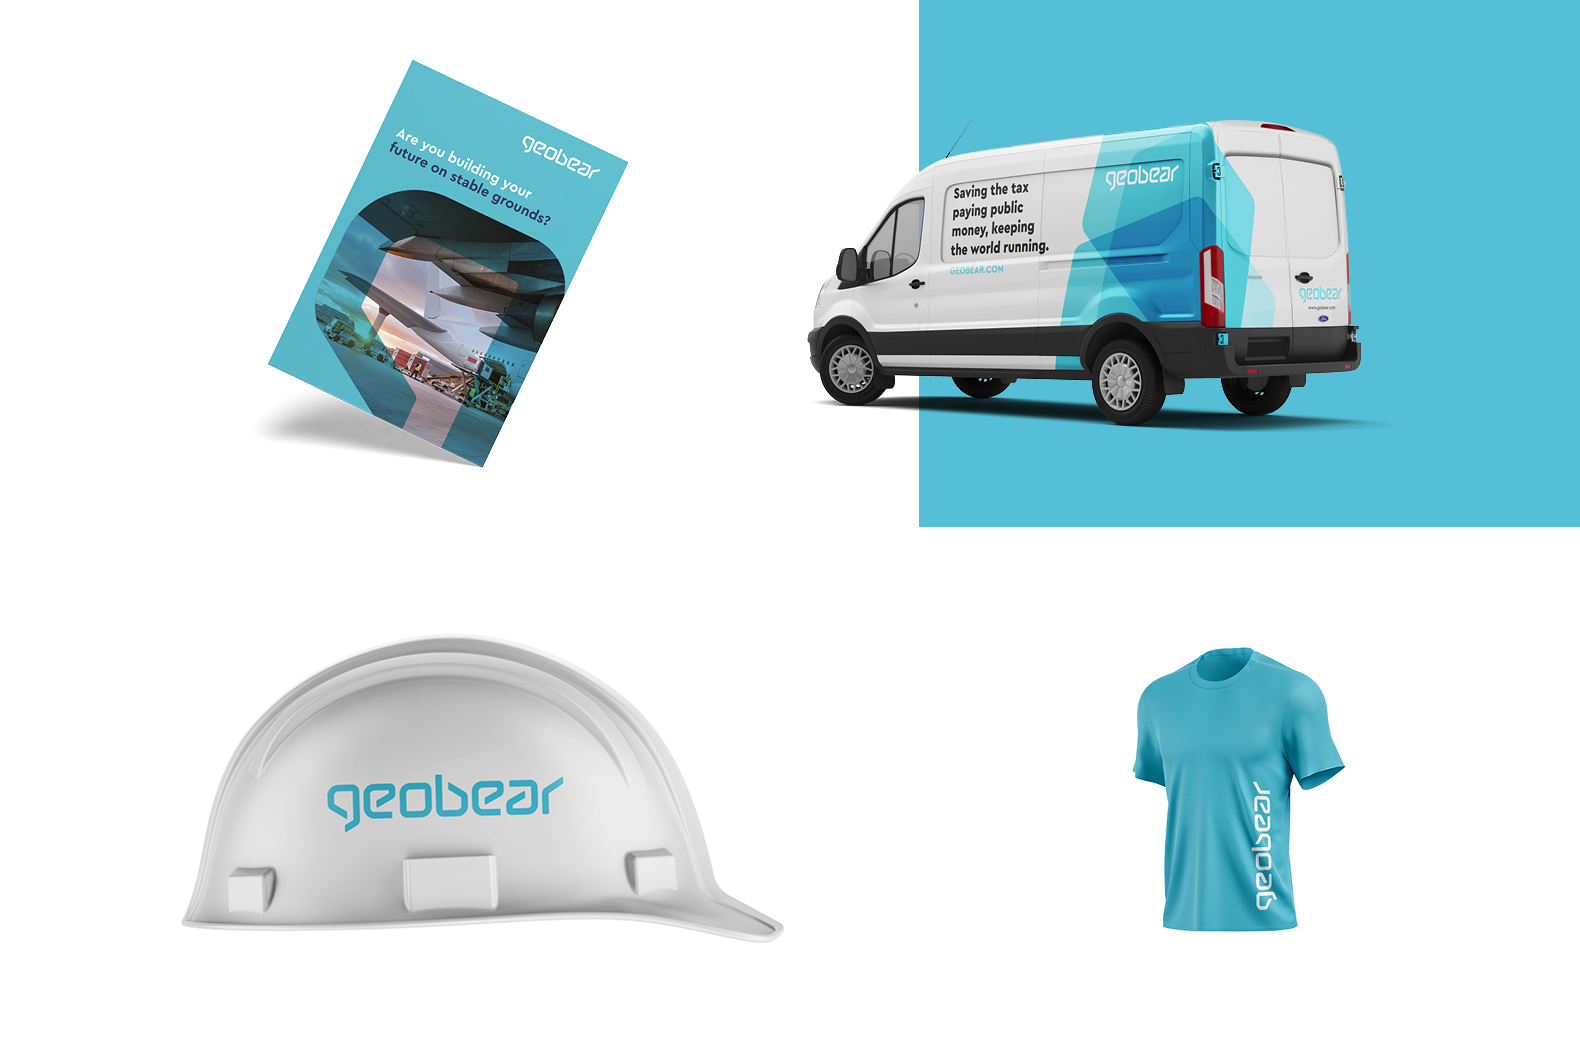 Geobear_web14_2.jpg